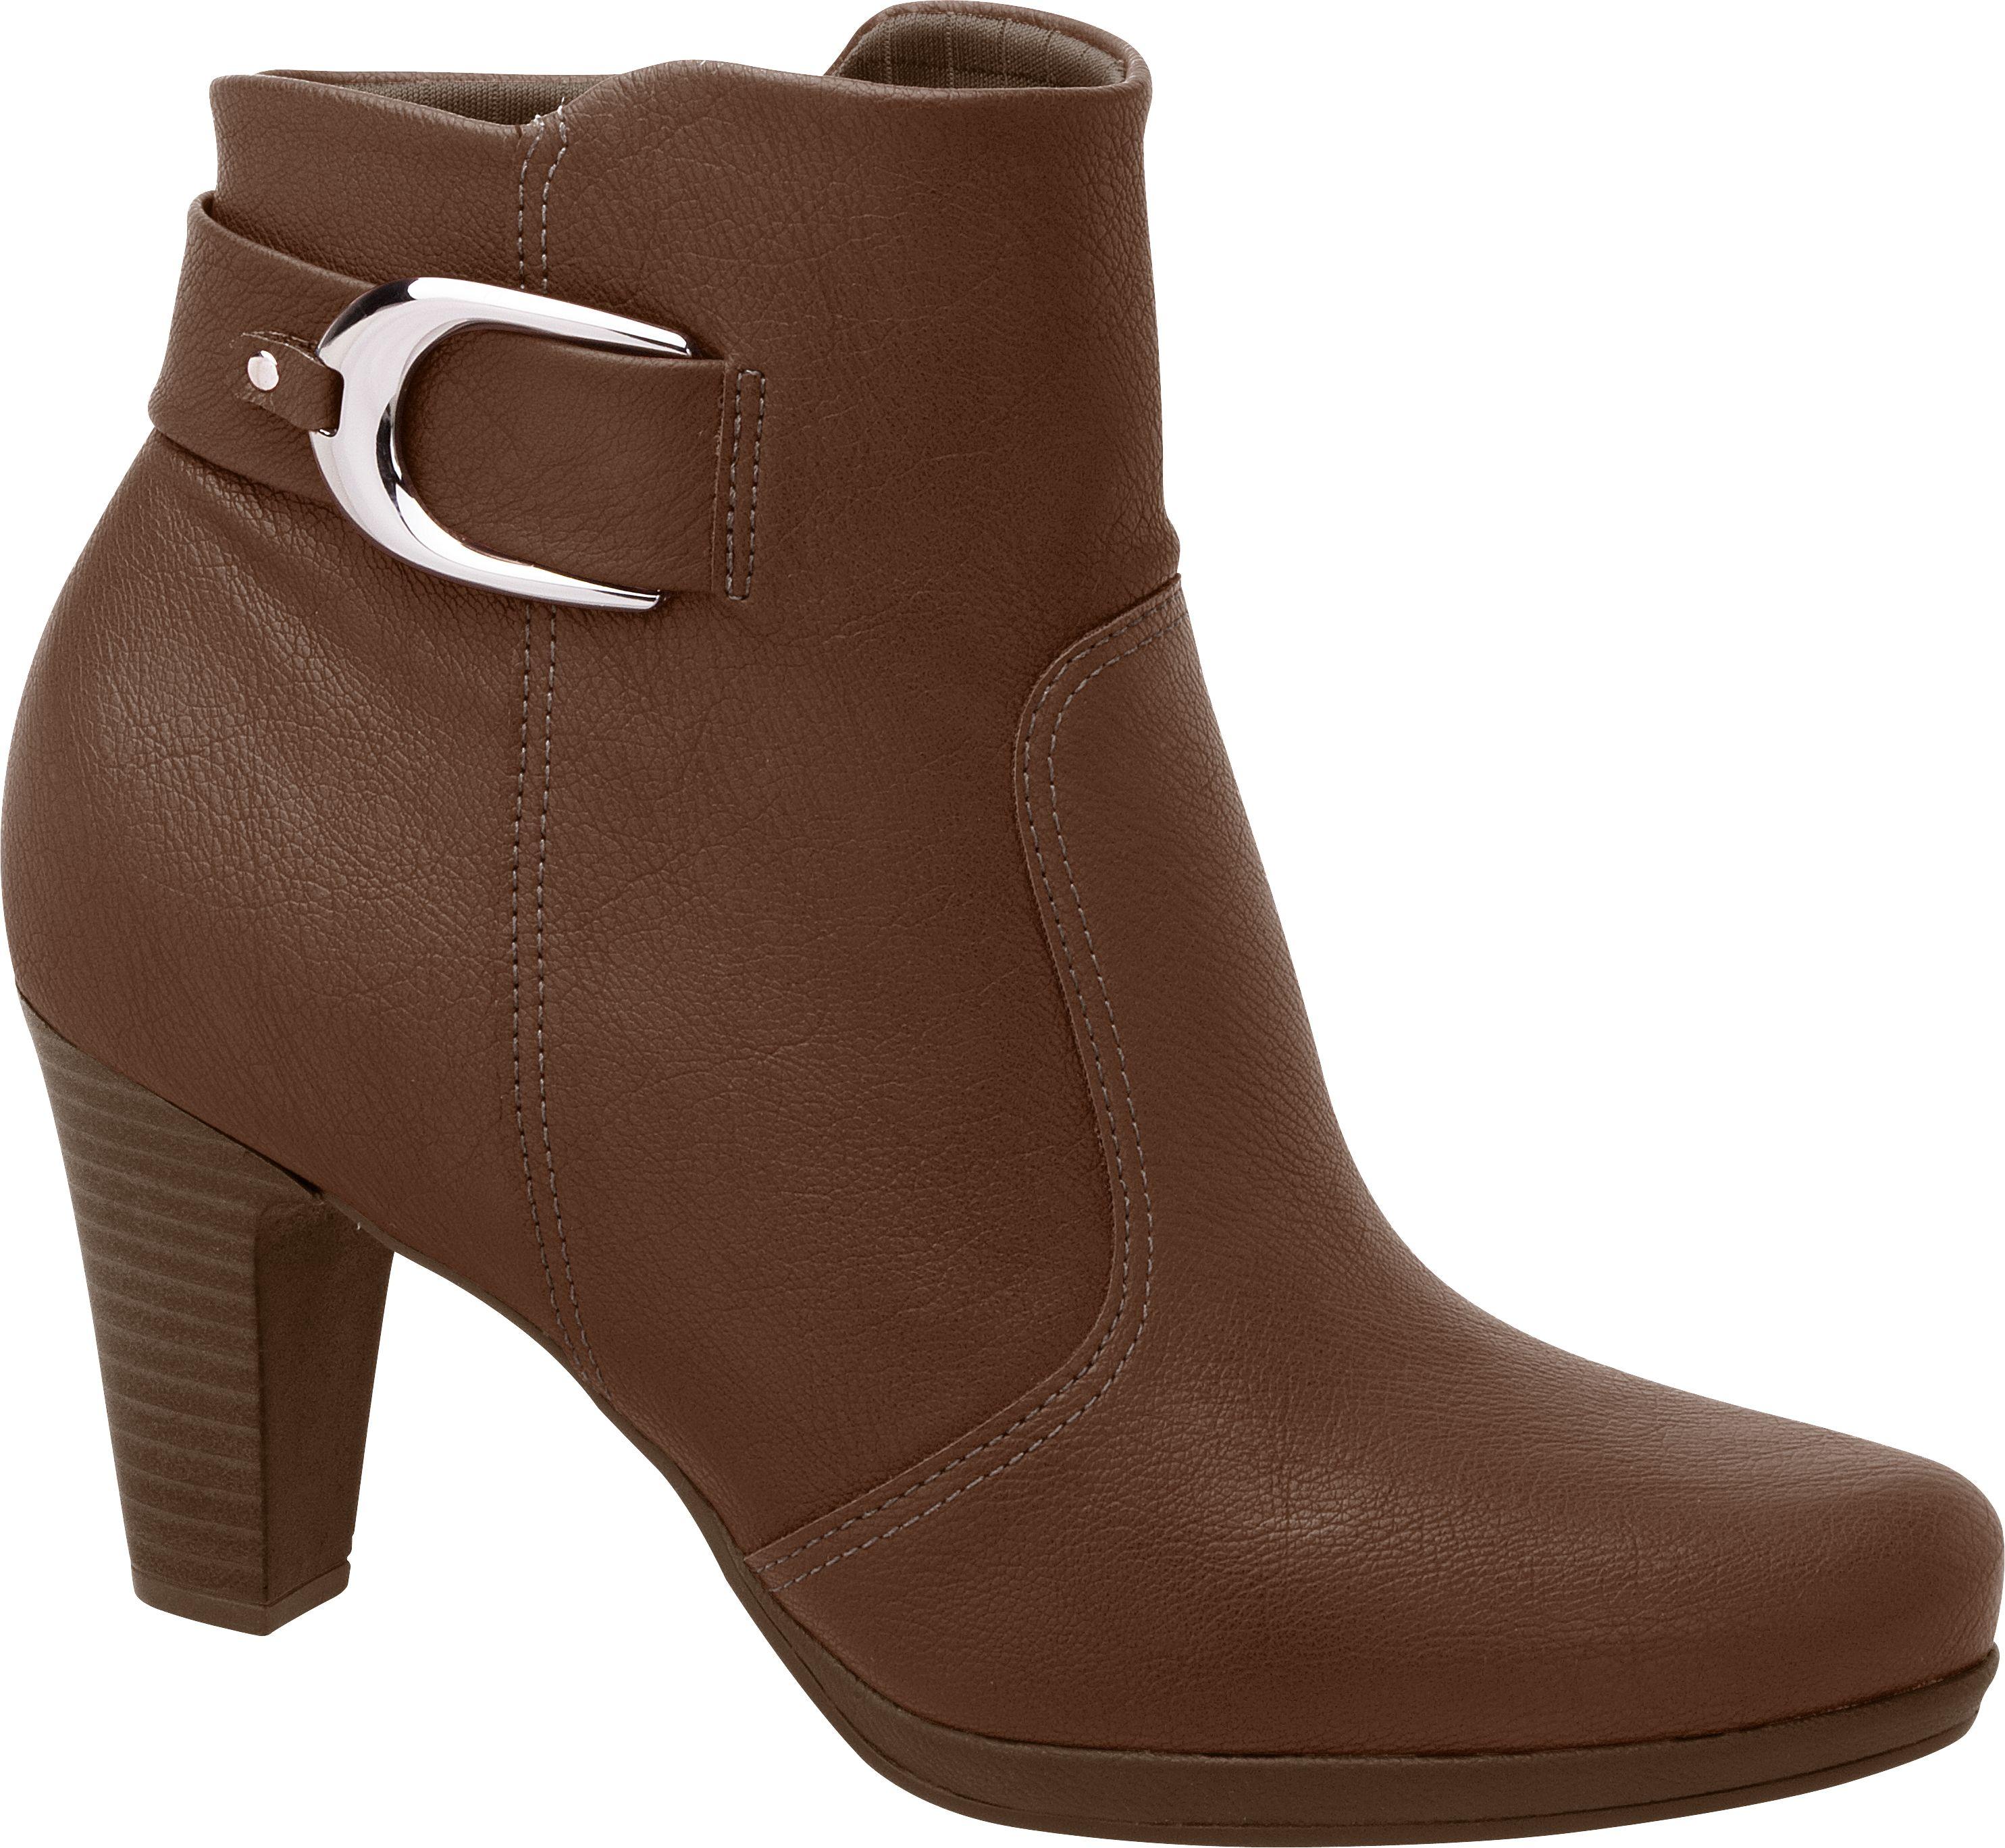 Ankle boots ficam ótimas se combinadas com saias e vestidos com comprimento acima do joelho!